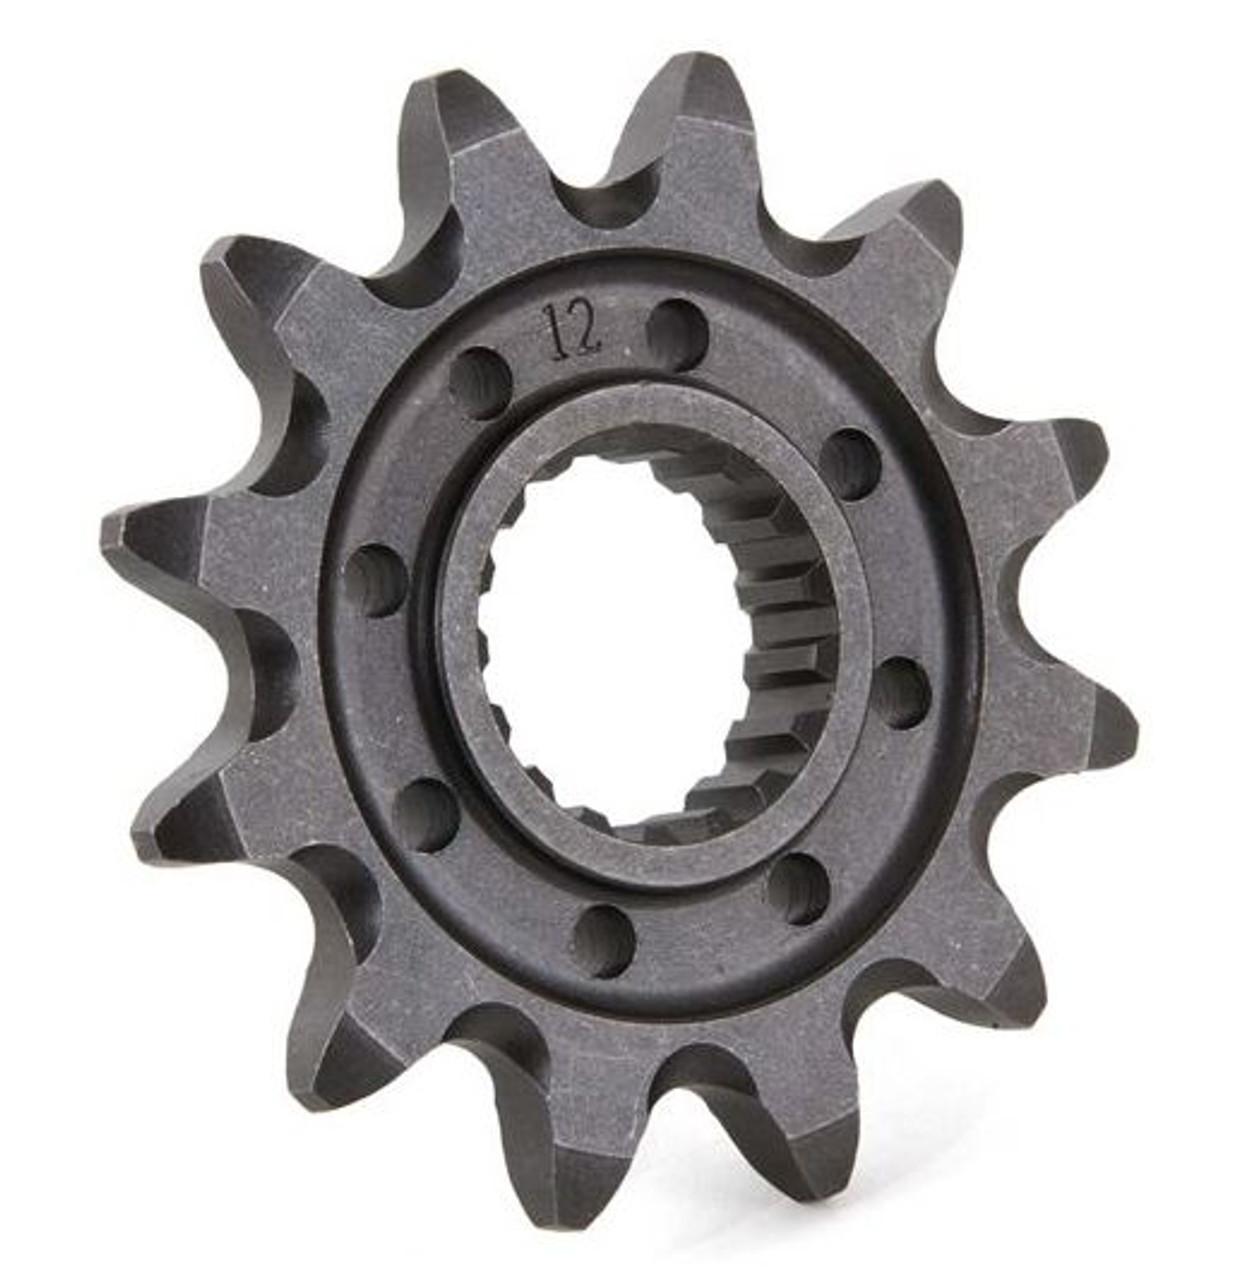 honda crf450x 2005-2019 front sprocket 13t 14t prox parts